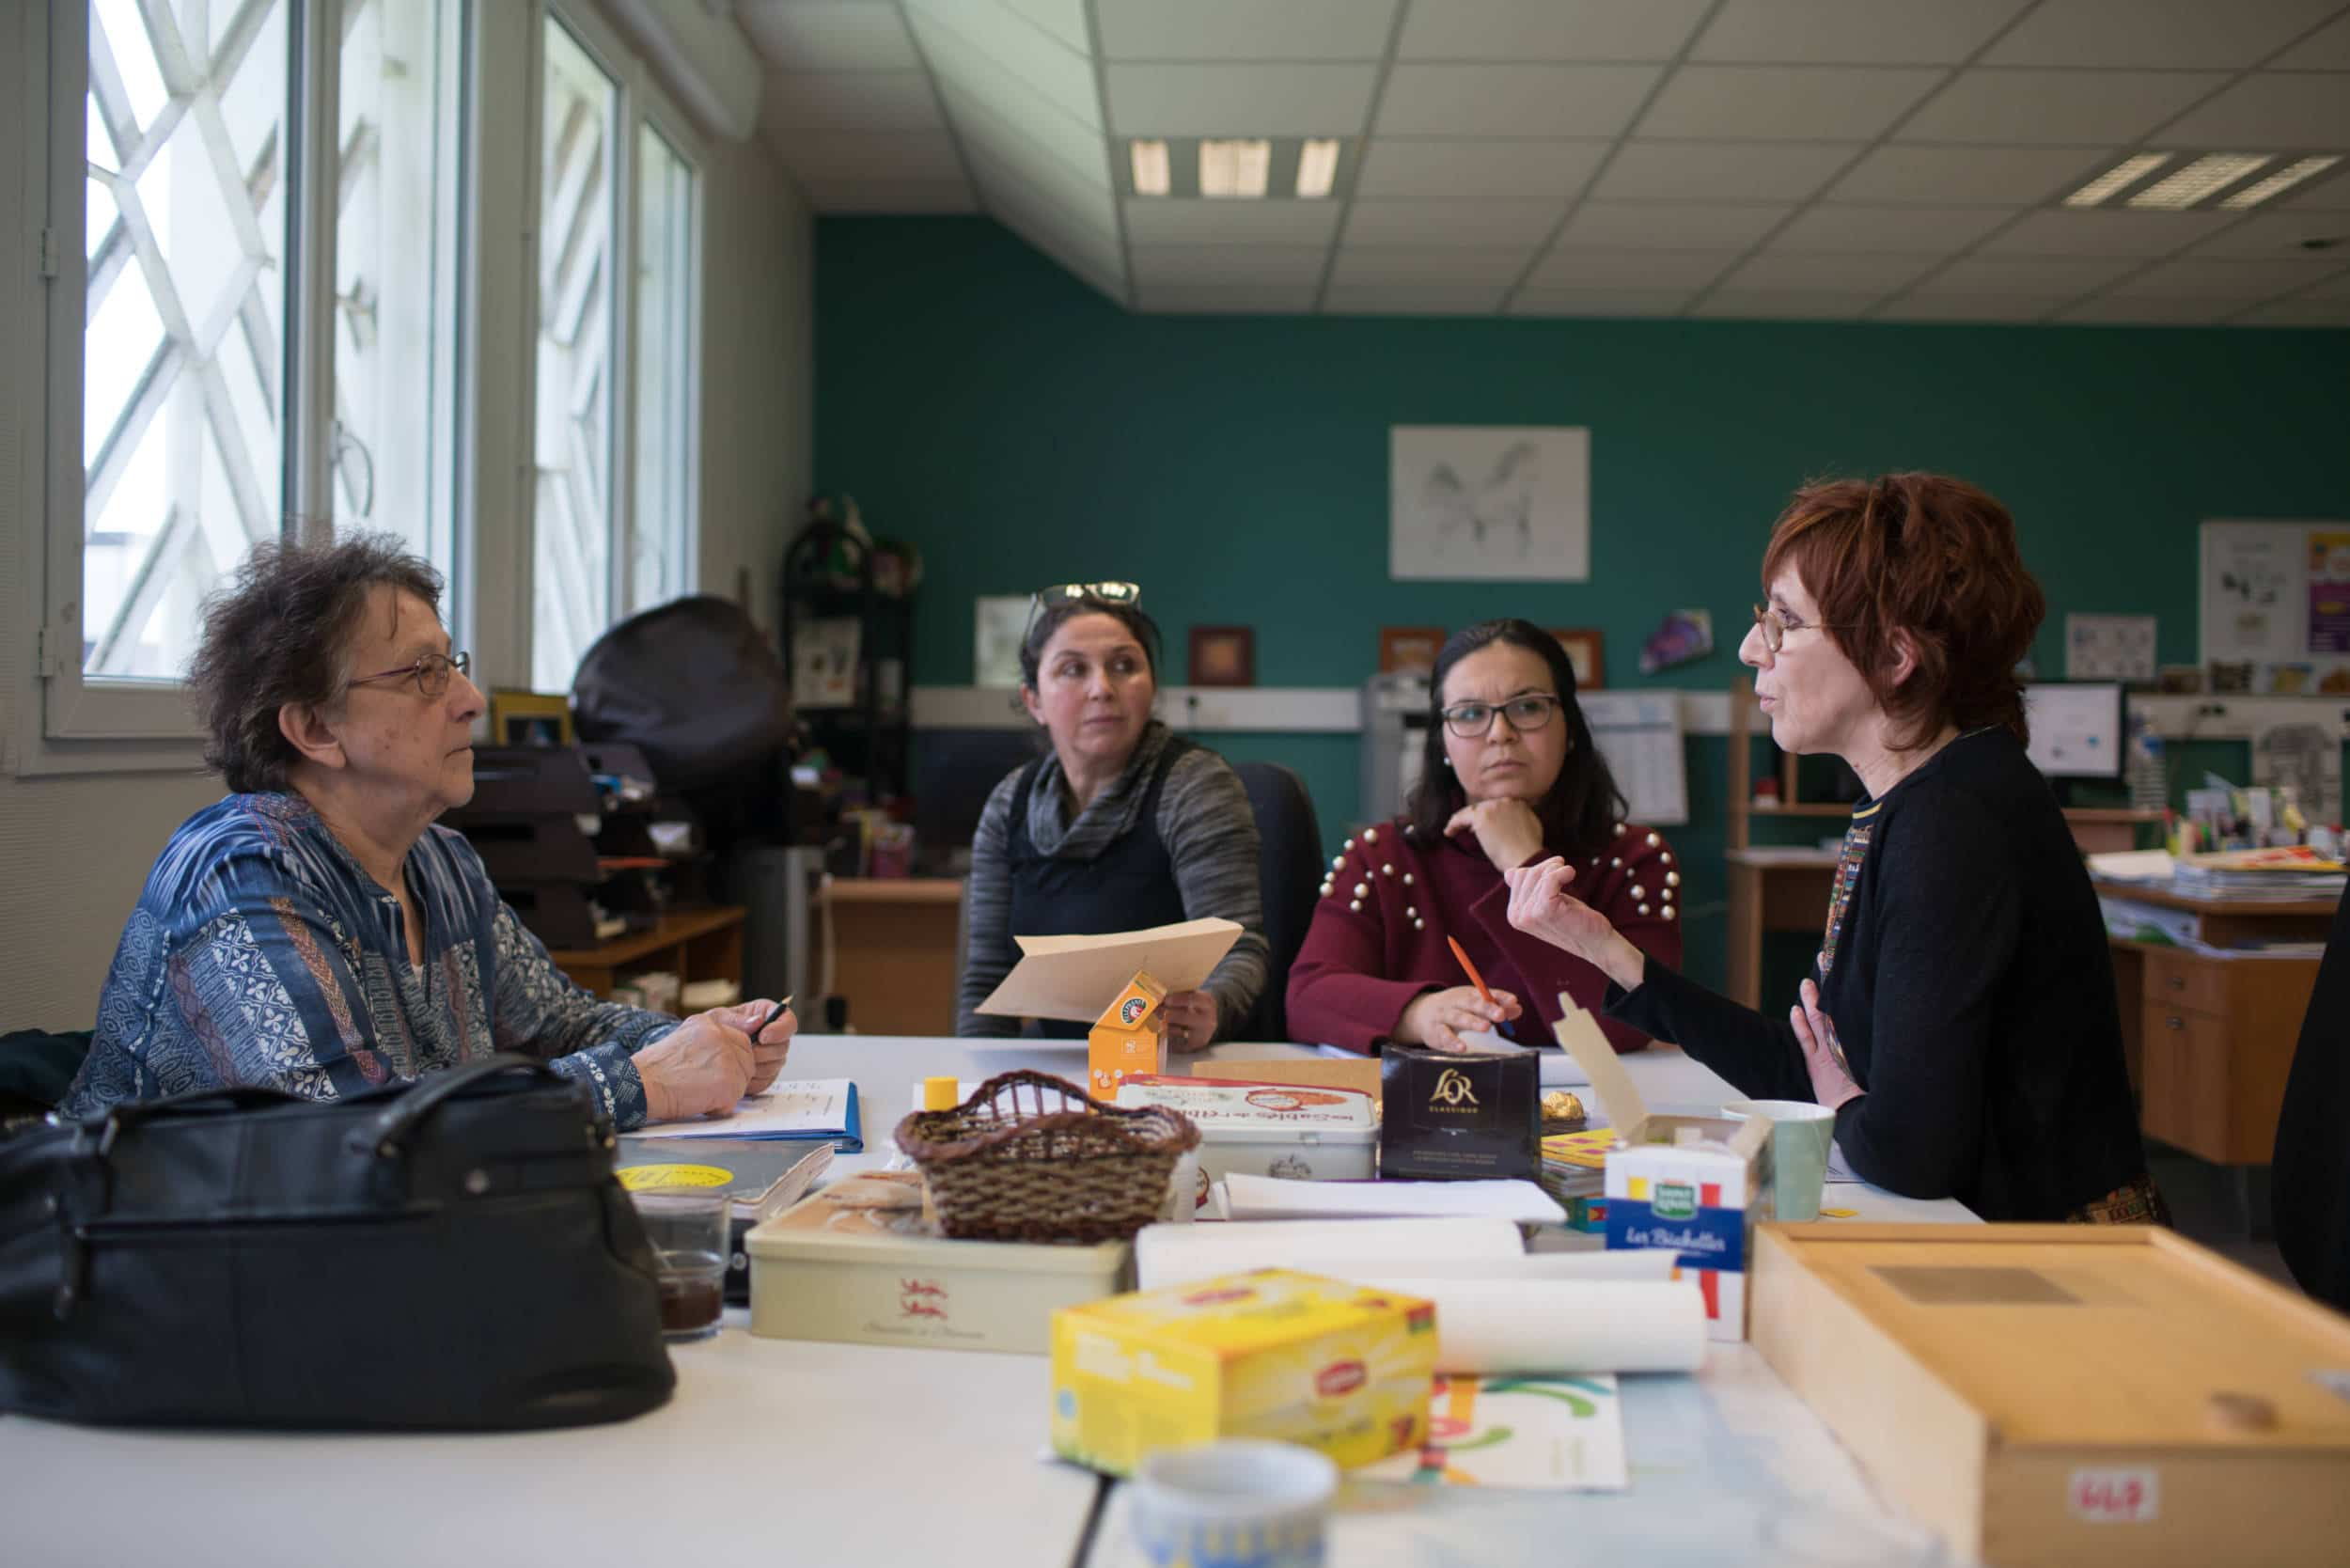 Lors d'une réunion autour d'une table, Iabelle s'adresse à trois de ses collègues de travail